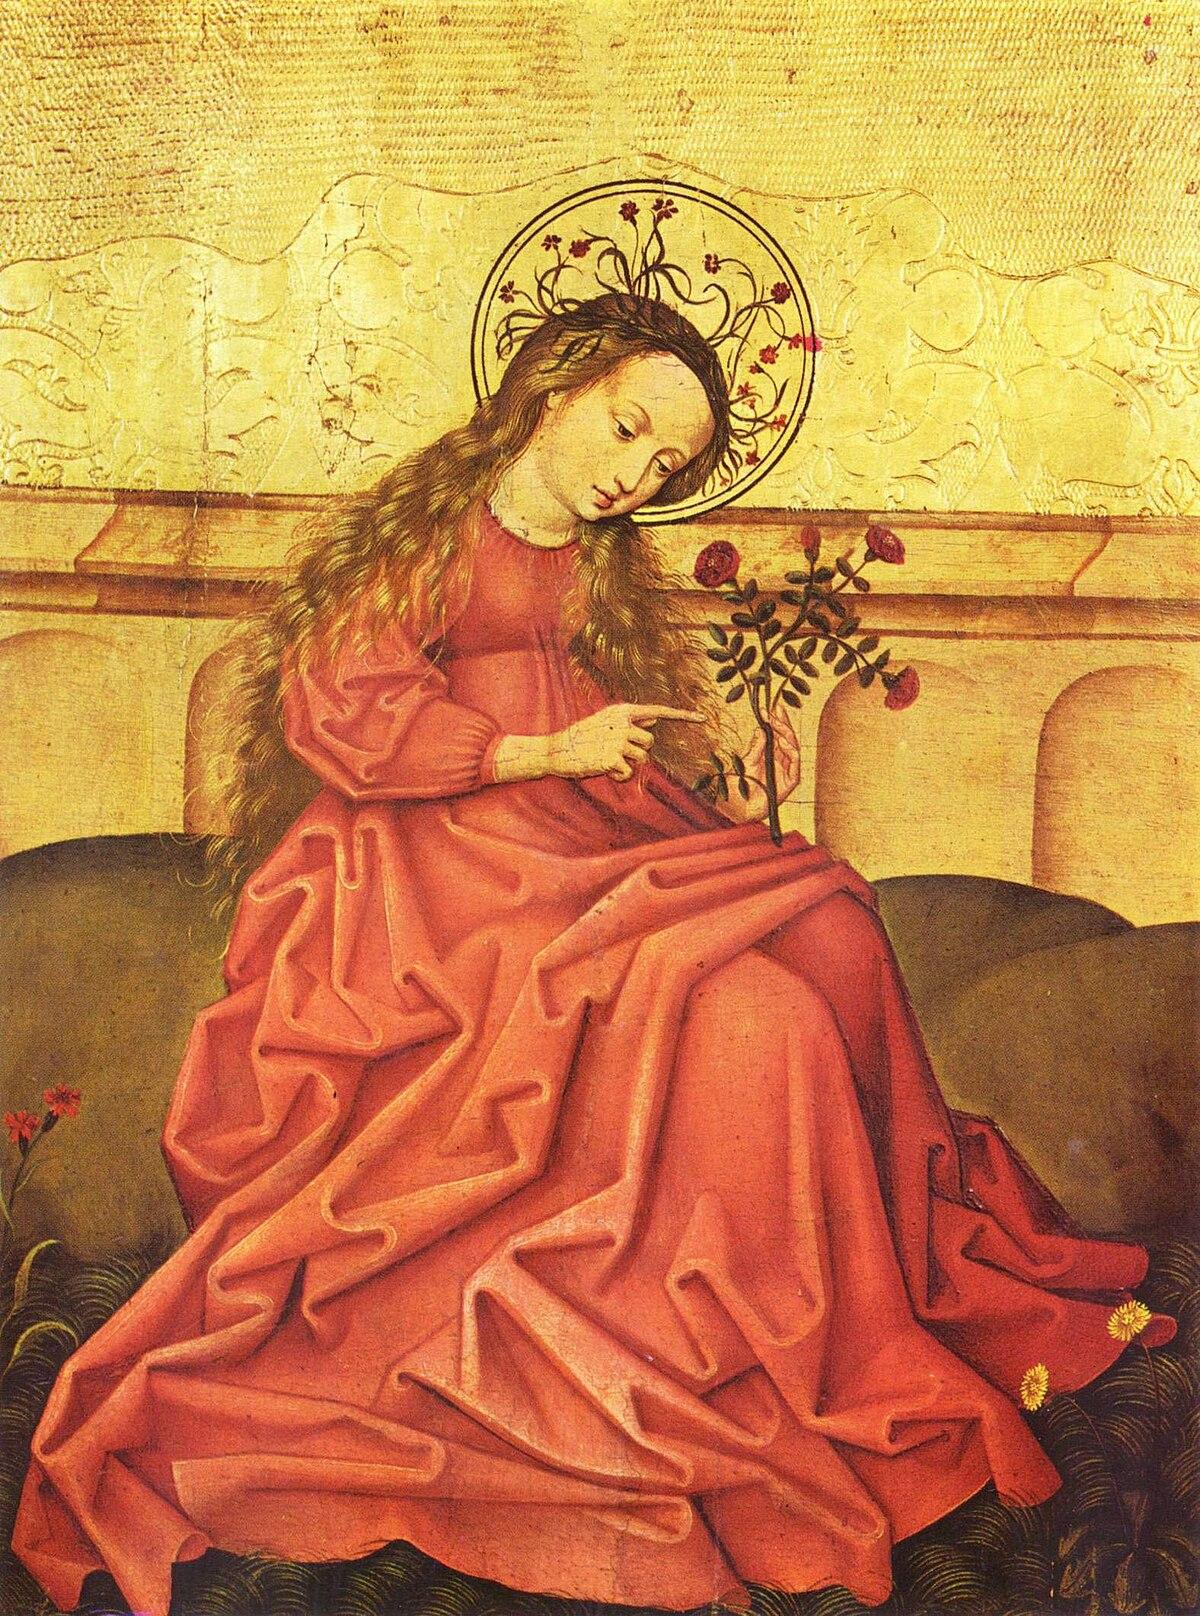 Maitre De L Oeuvre file:vierge au jardinet, maître rhénan anonyme, musée de l